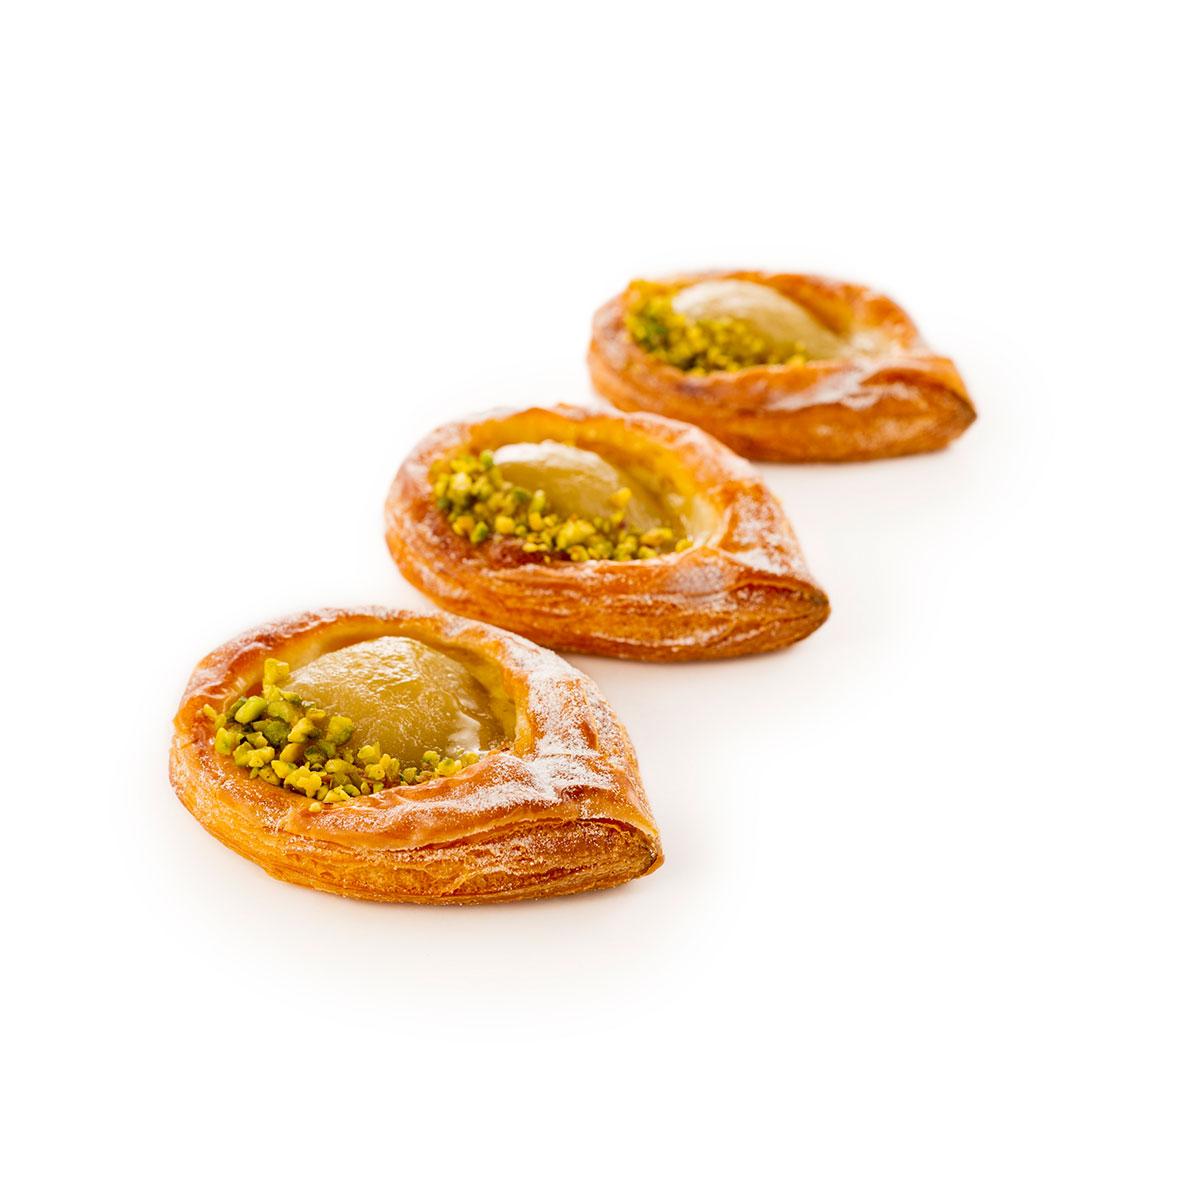 Pear & Cinnamon Danish